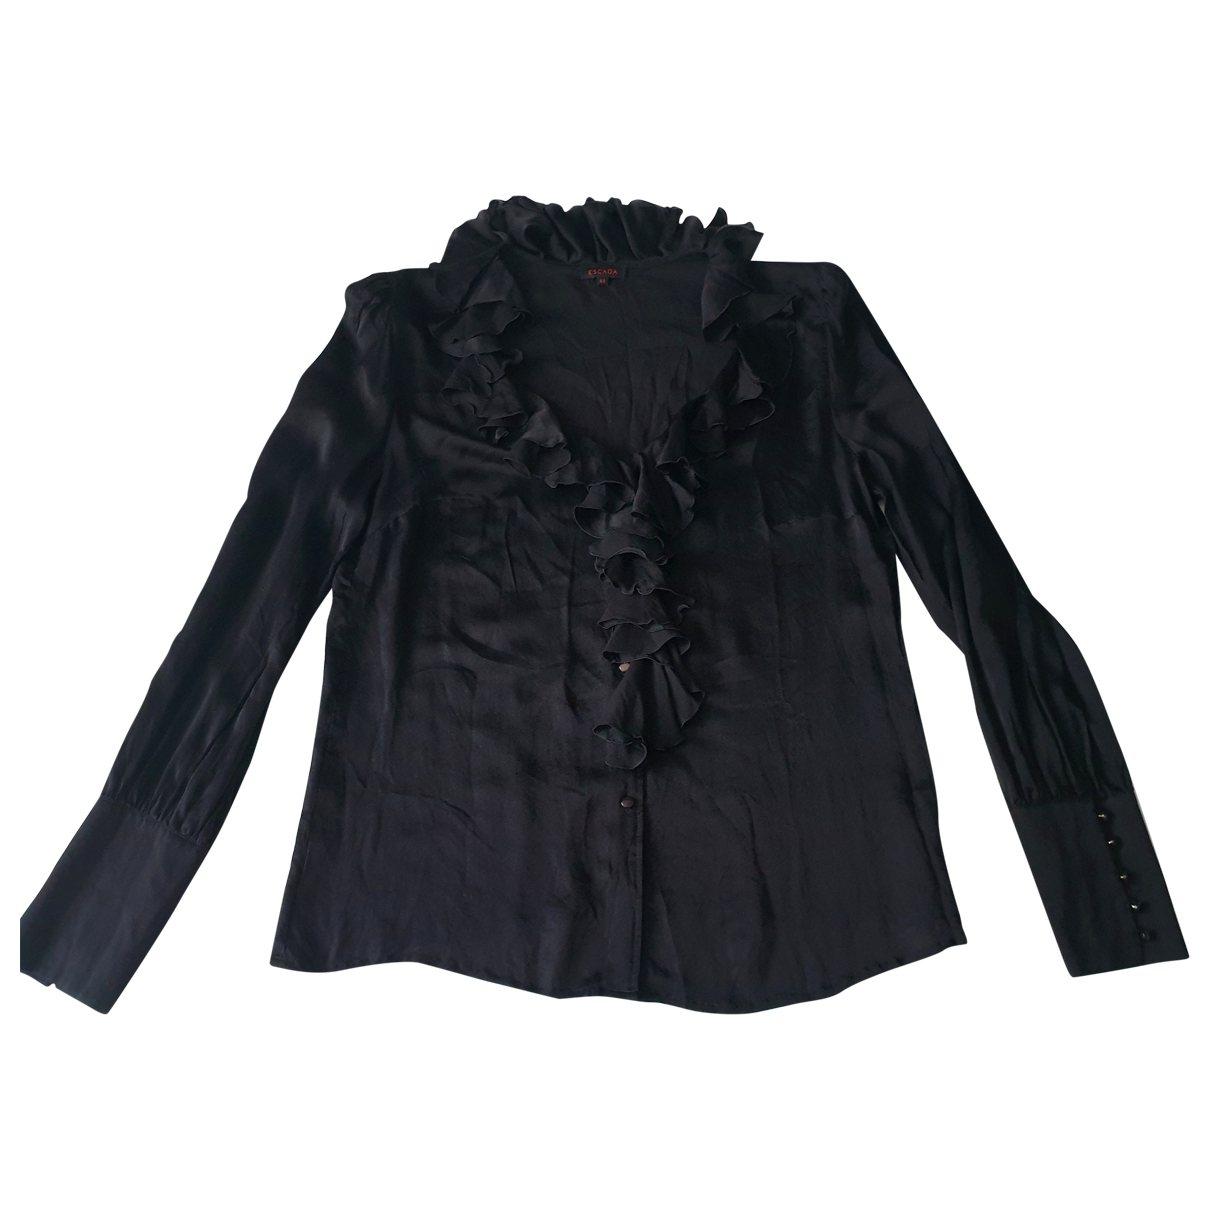 Escada \N Black Silk  top for Women 44 FR